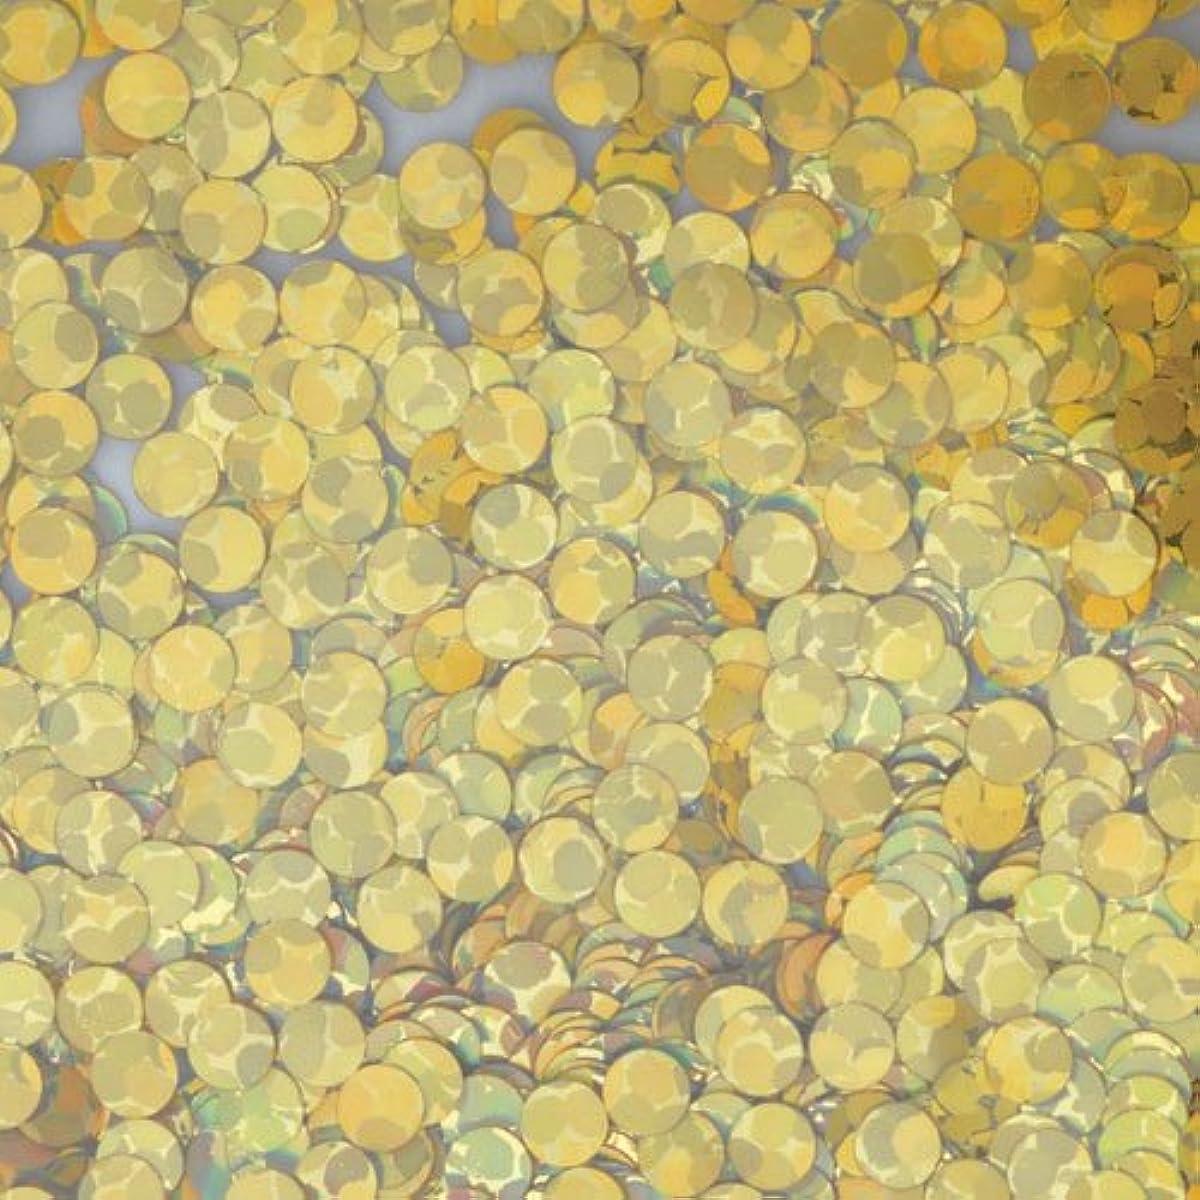 信念ラフト分散ピカエース ネイル用パウダー 丸ホロ 2mm #875 ゴールド 0.5g